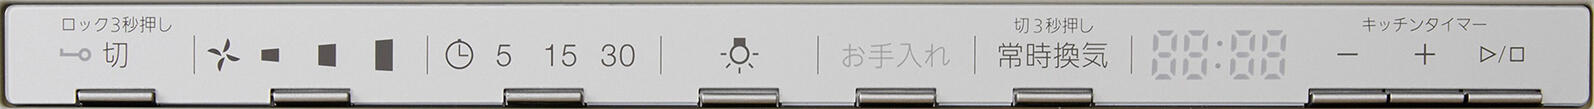 スッキリと見やすく使いやすい操作パネル